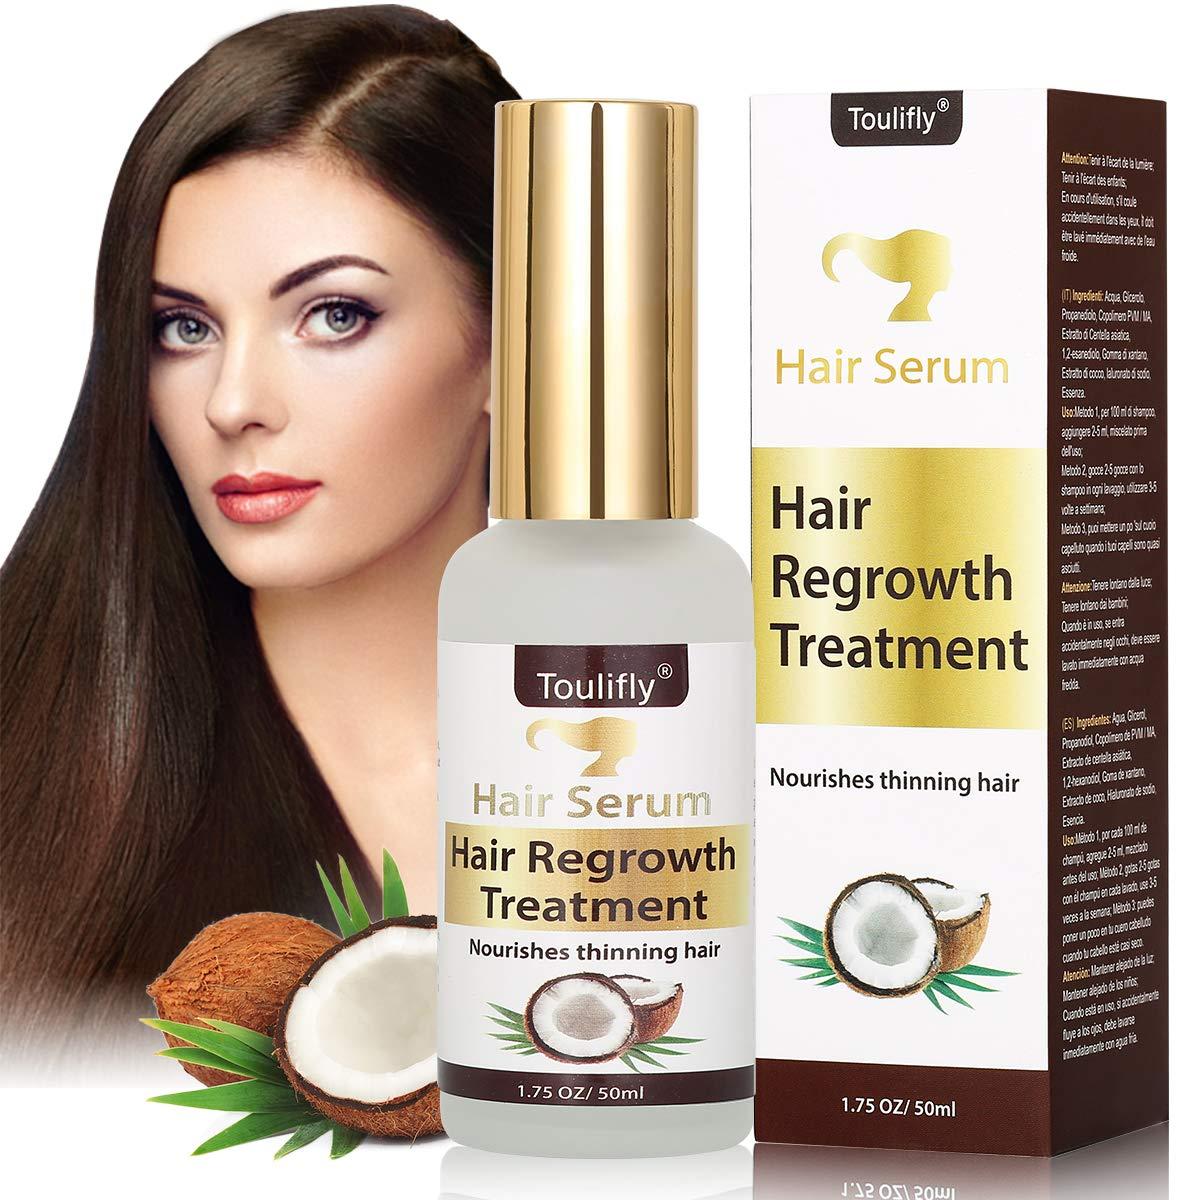 Hair Serum, Anti caduta dei capelli,Siero per la ricrescita dei capelli,Trattamento per capelli al cocco, trattamento ricrescita,rinforza le radici dei capelli e aggiunge lucentezza naturale Toulifly